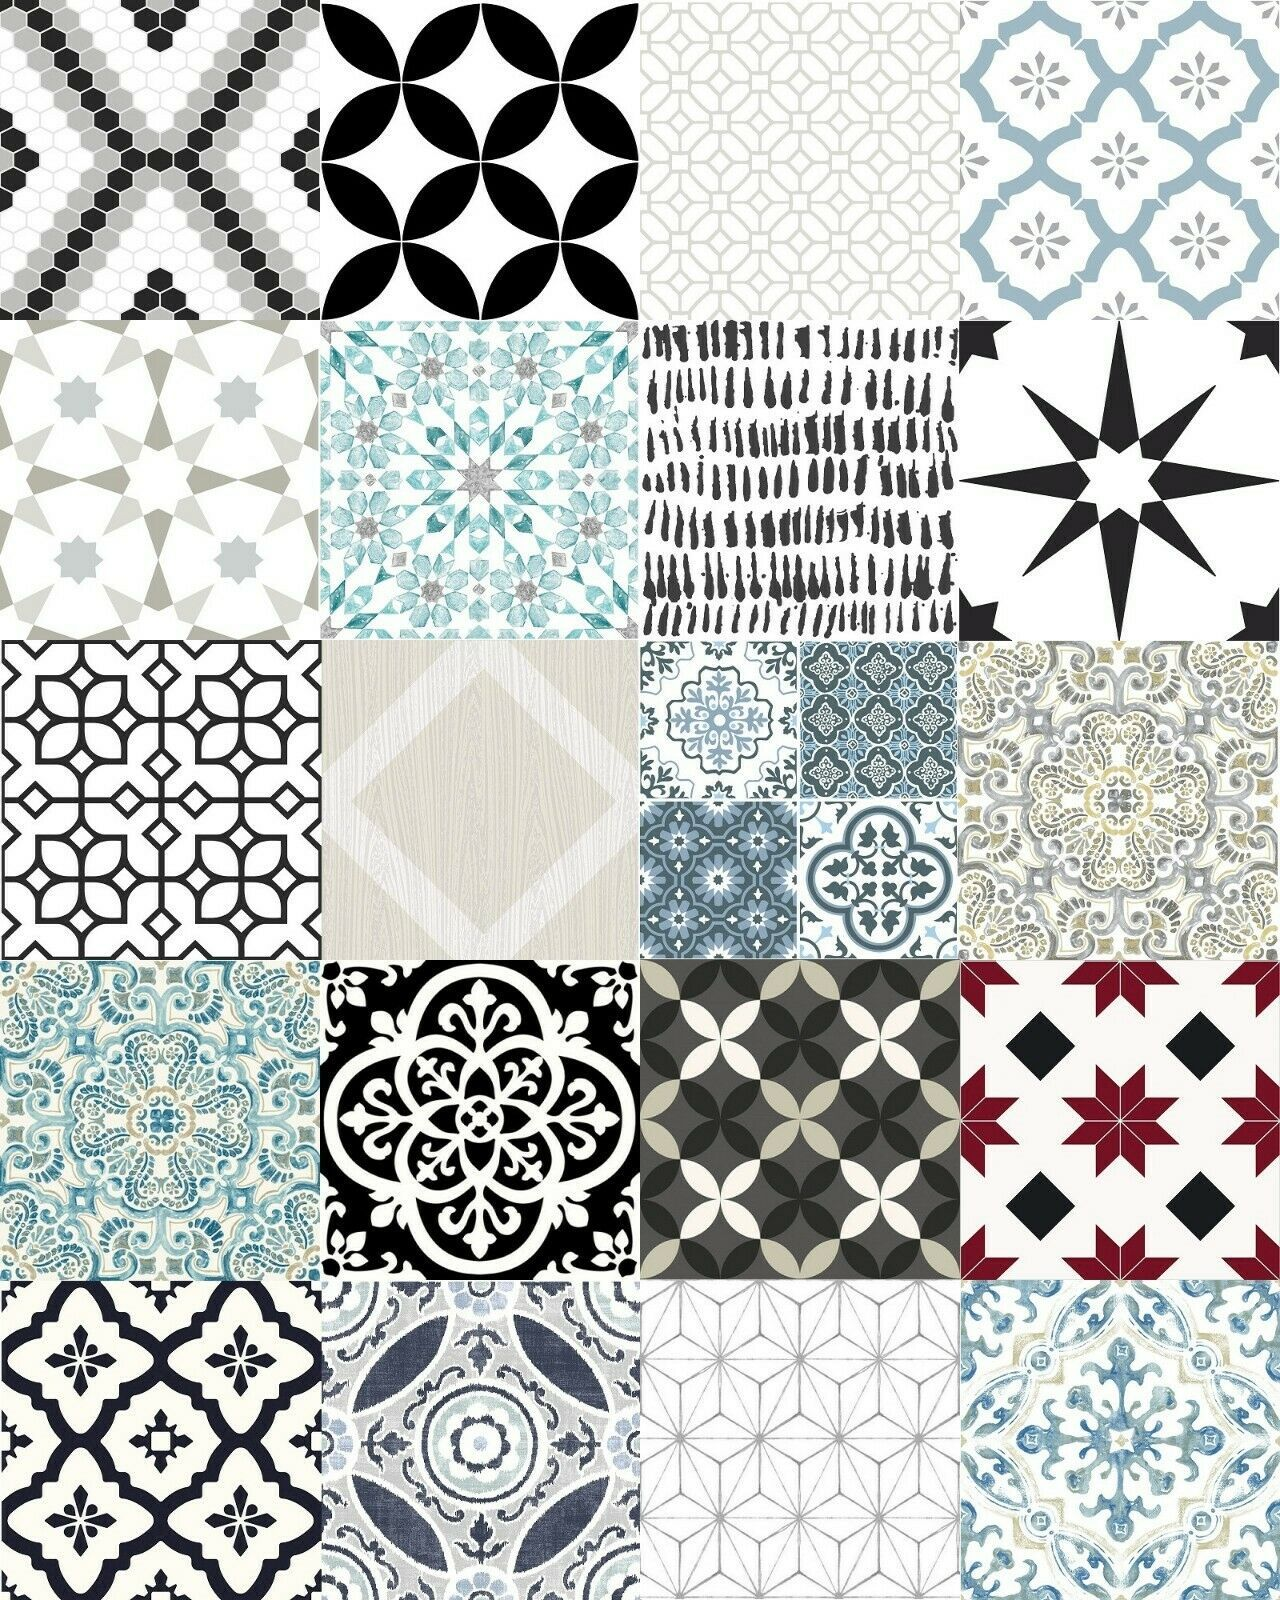 Details About Vinyl Floor Tiles 10 Pack Flooring Luxury Peel N